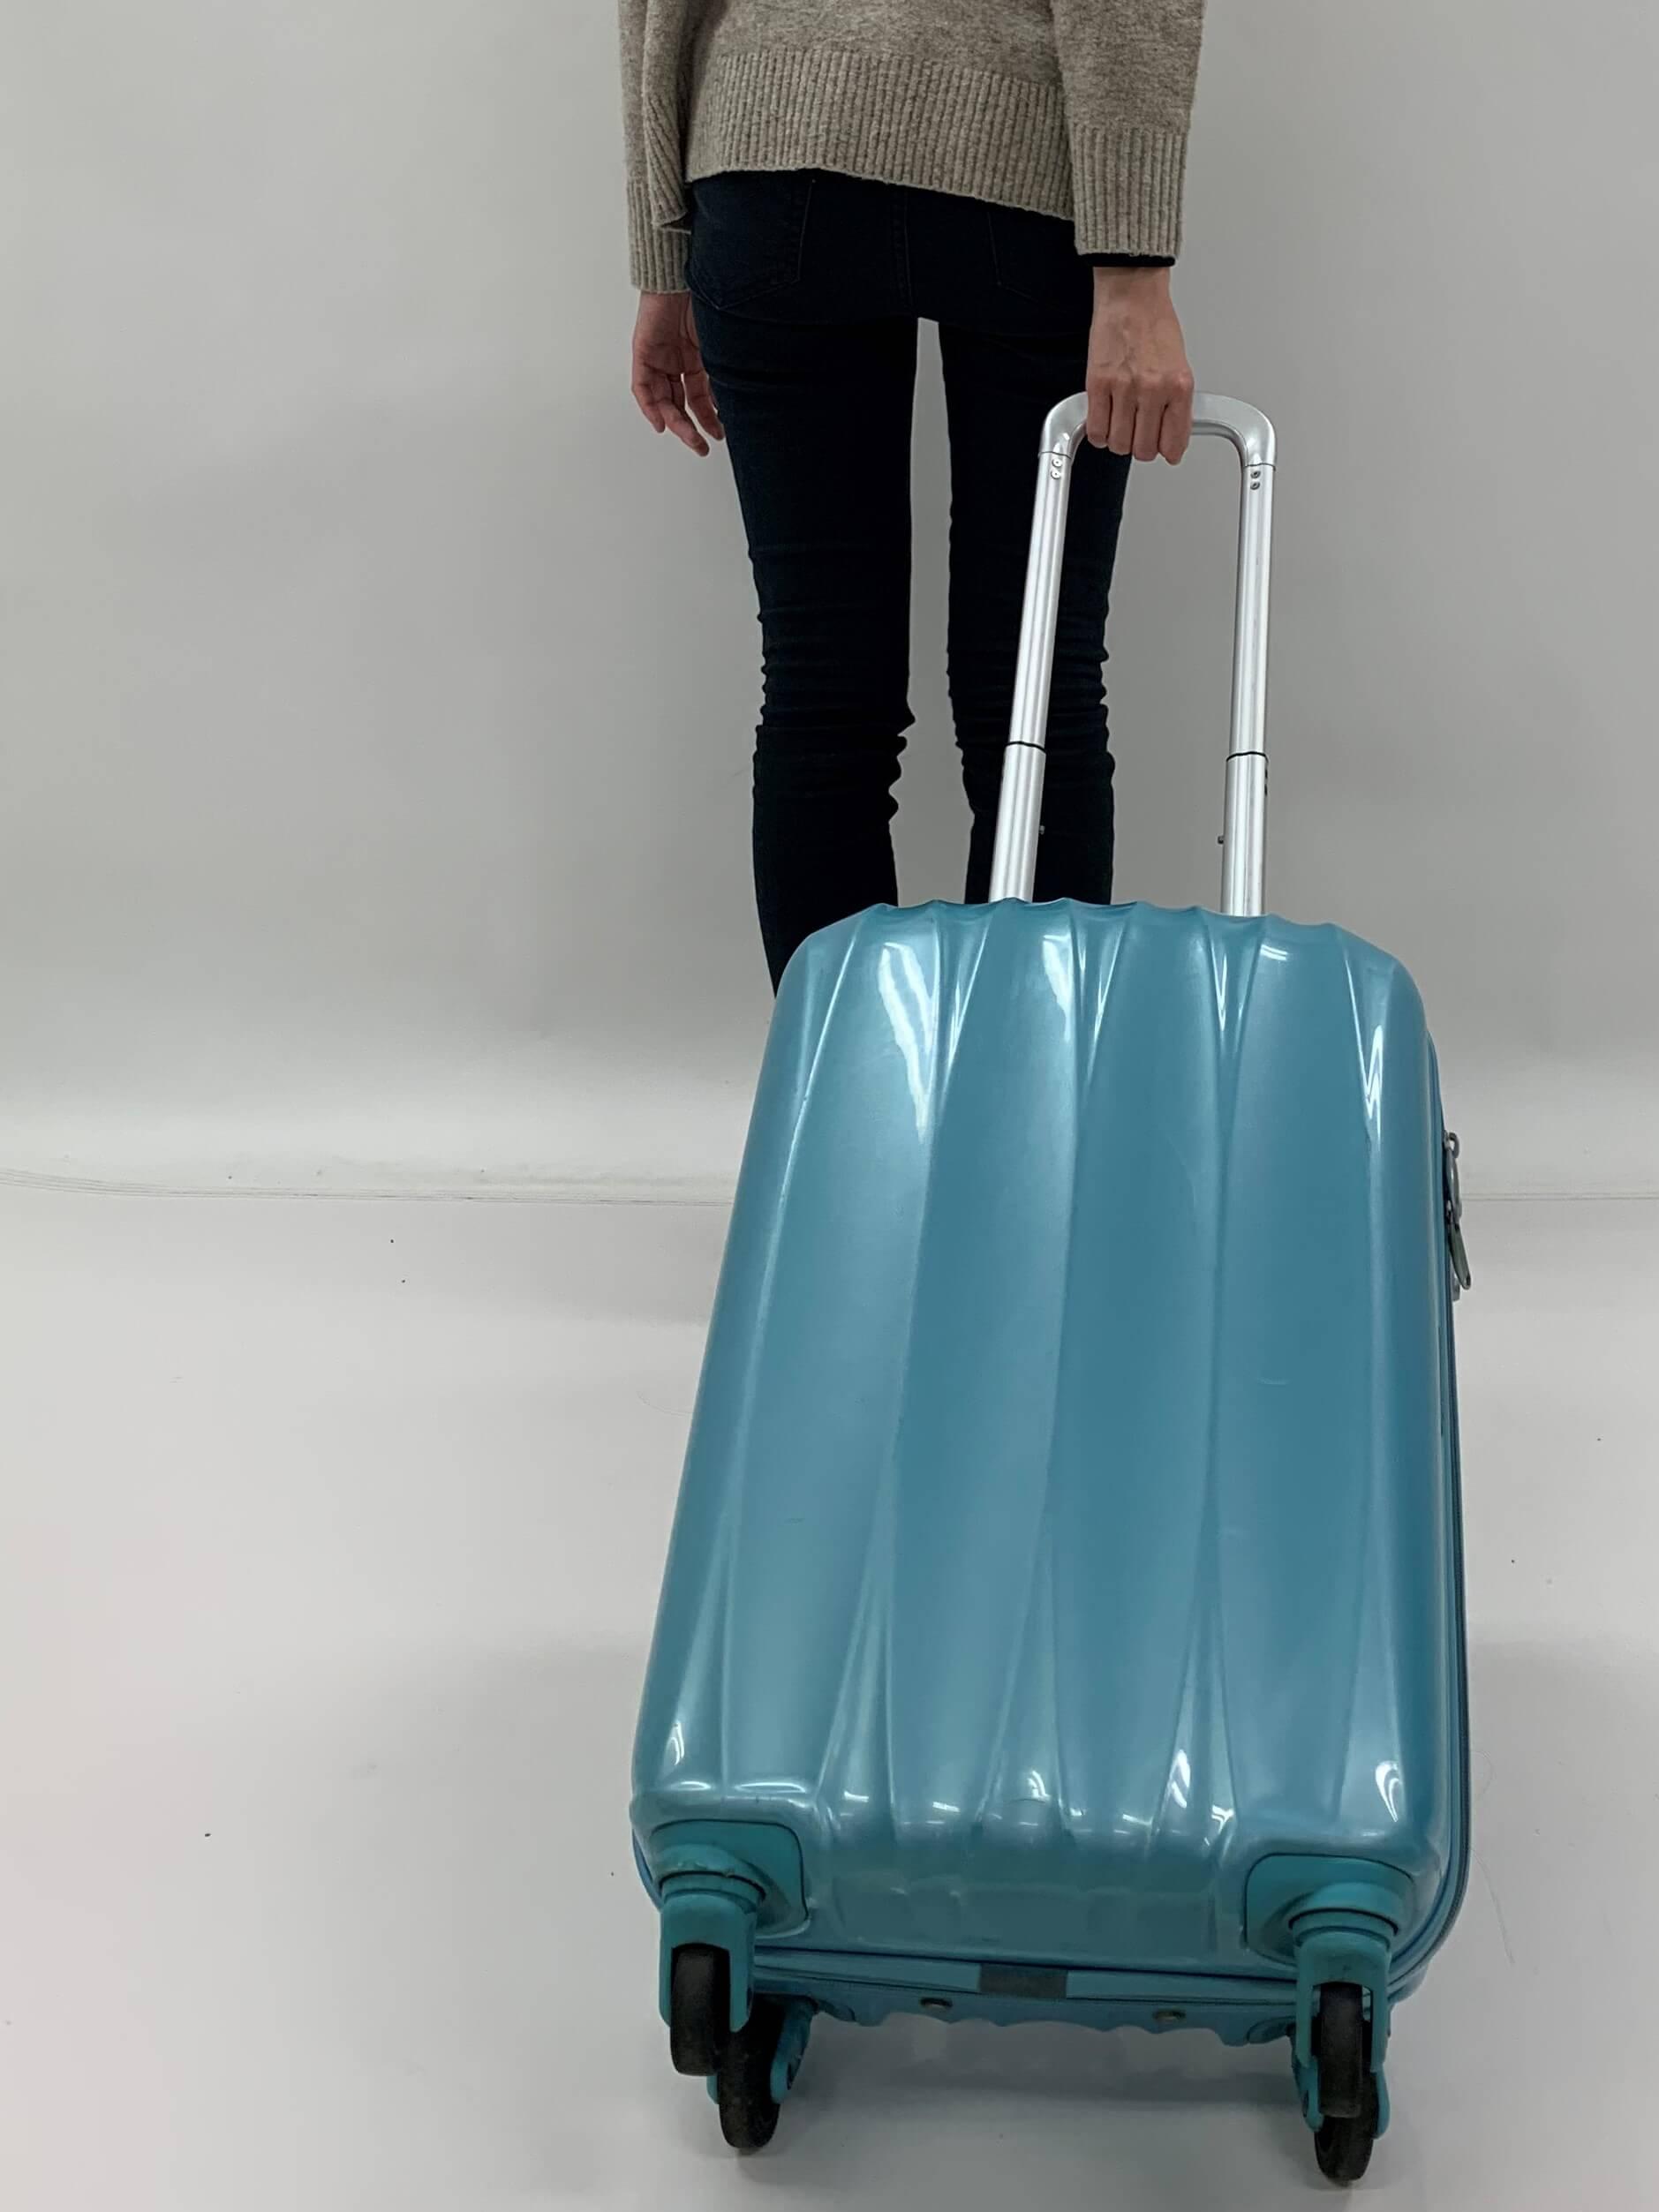 誤ったスーツケースの持ち方